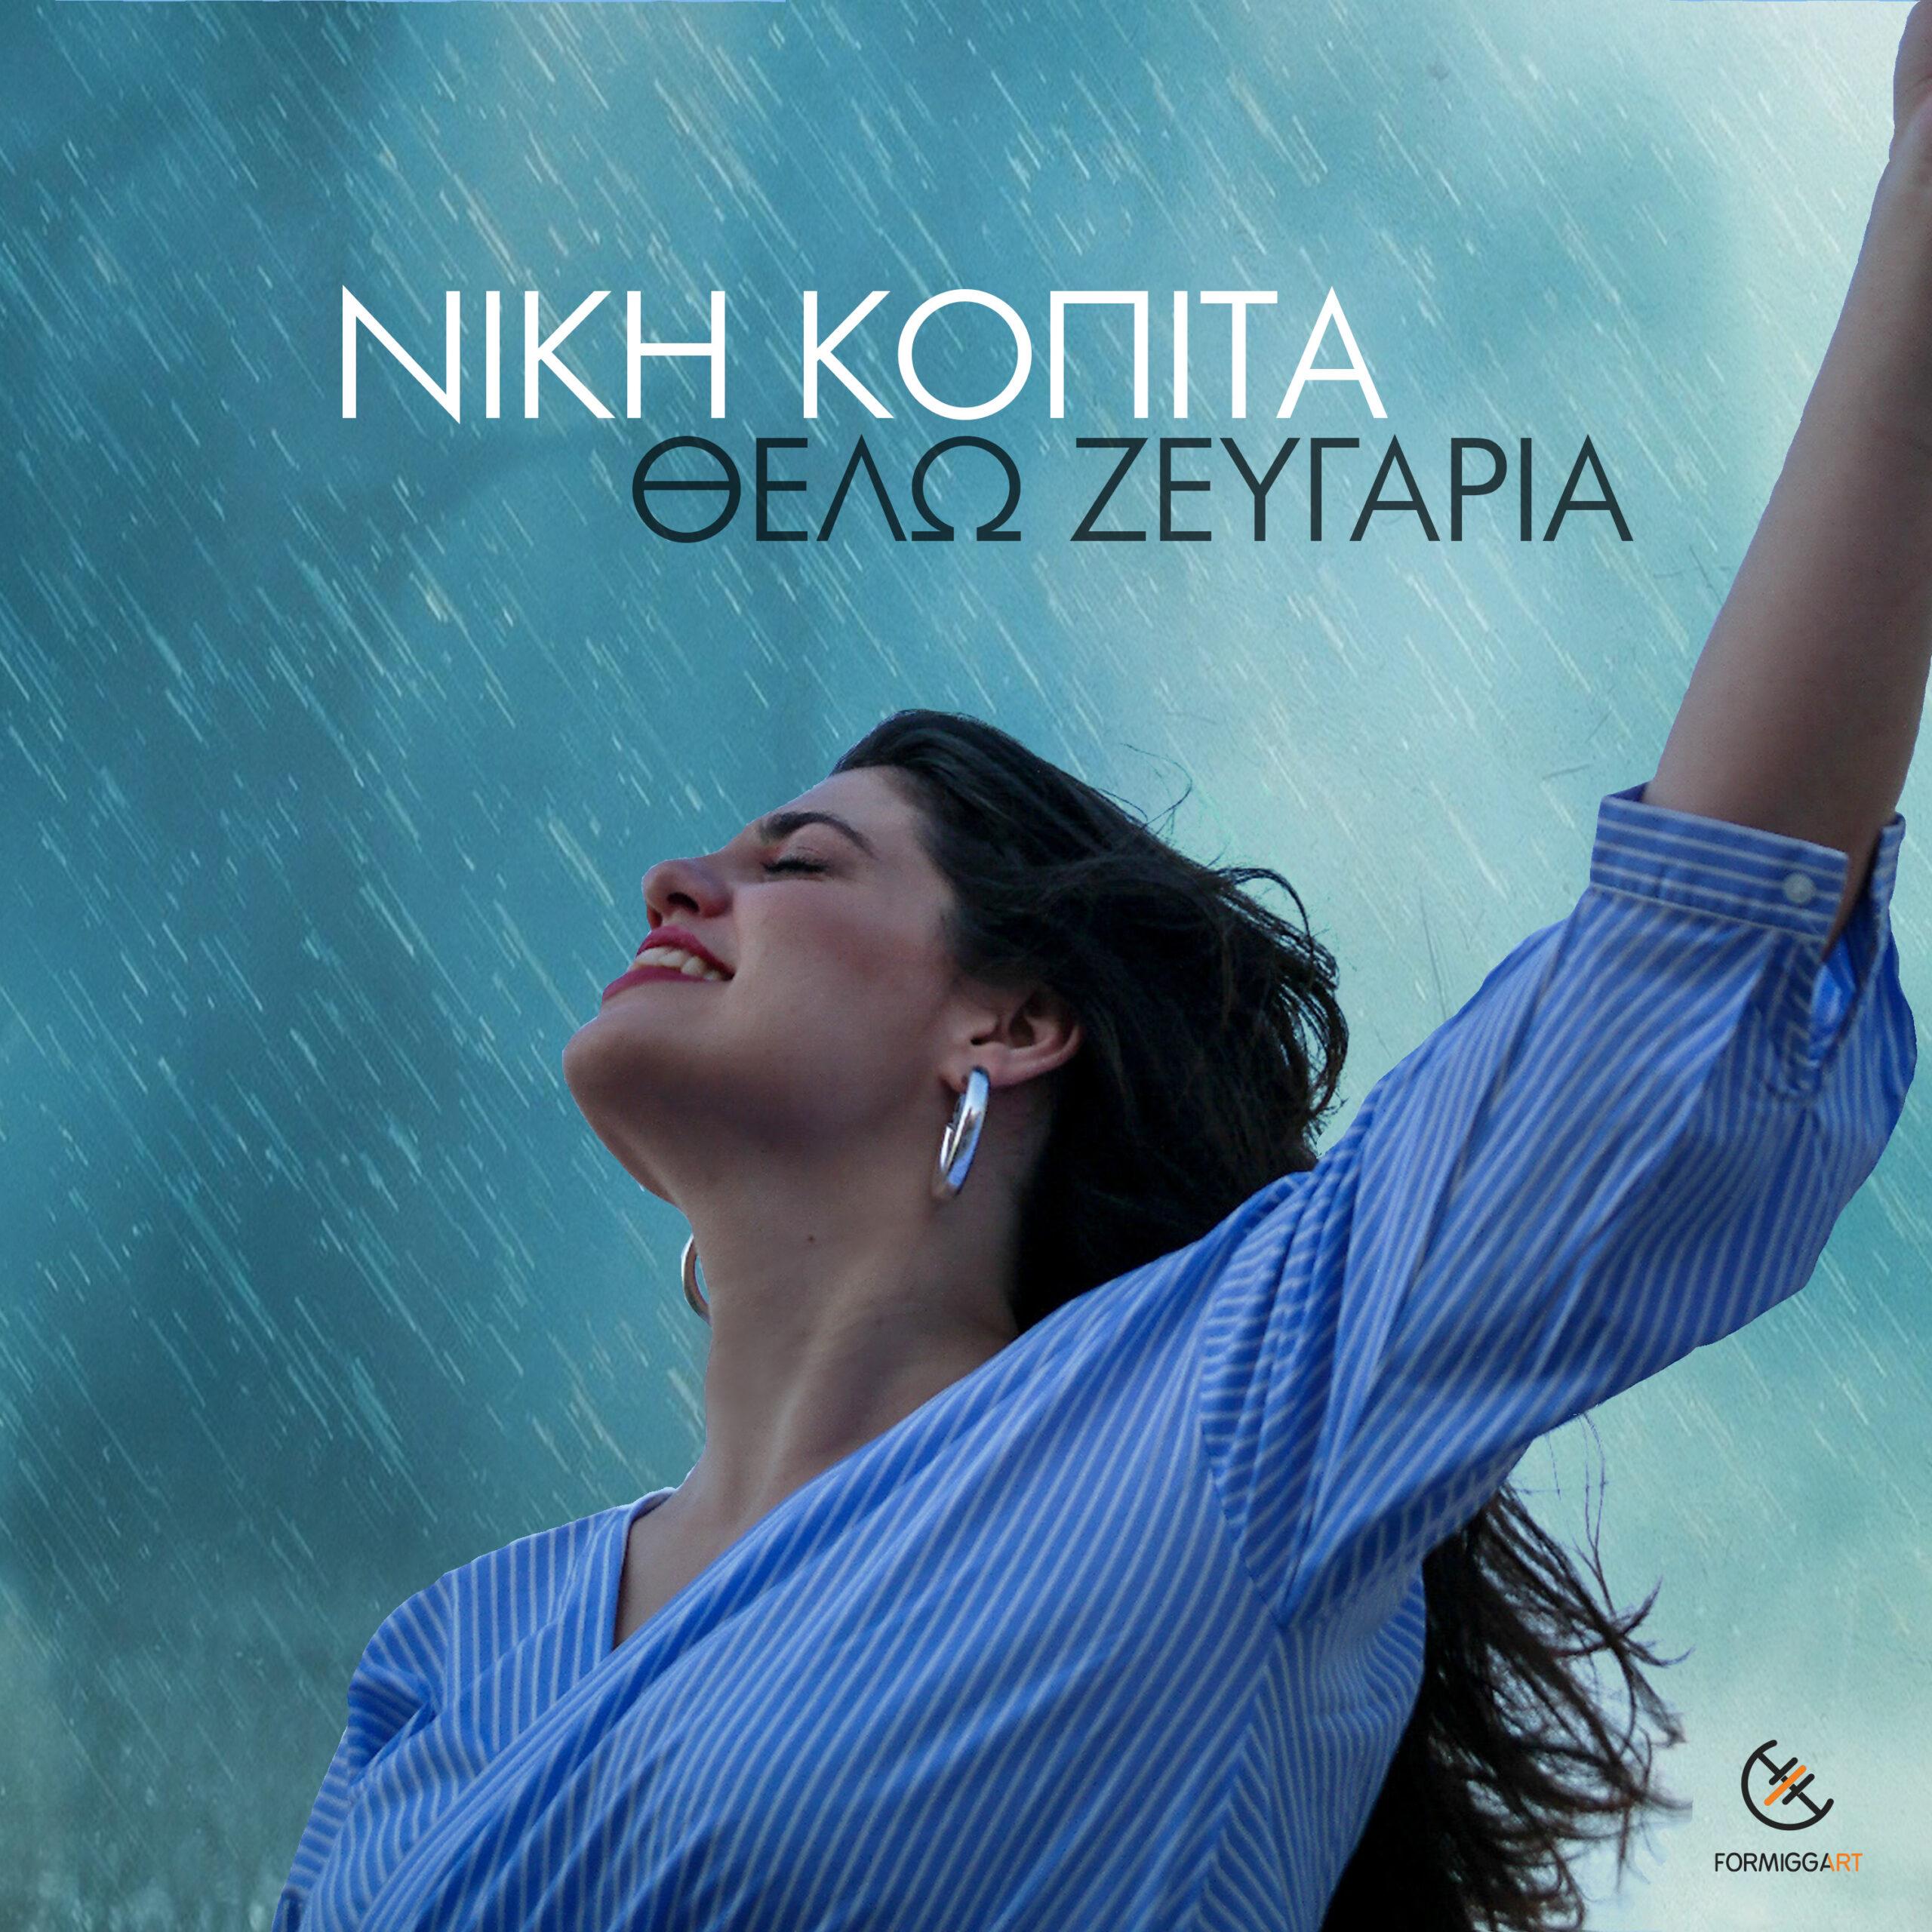 Το τραγούδι της Νίκης Κοπίτα μόλις κυκλοφόρησε! - Αρκαδικά Νέα